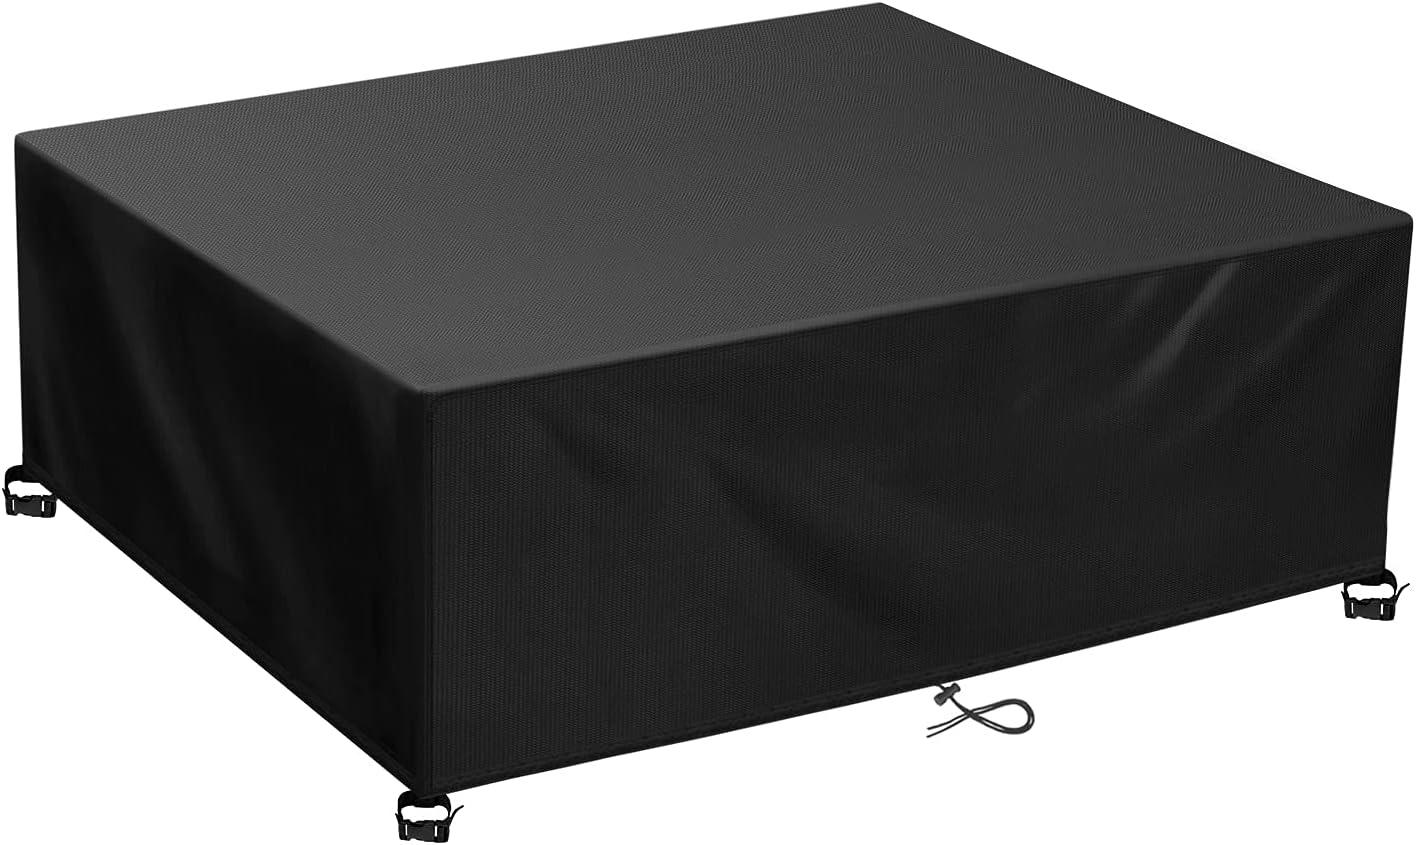 TAOCOCO Funda para Muebles de Jardín Impermeable, protección contra el Polvo y los Rayos UV, Cubierta de Mesa y Silla para Muebles de jardín (123x123x74 cm)